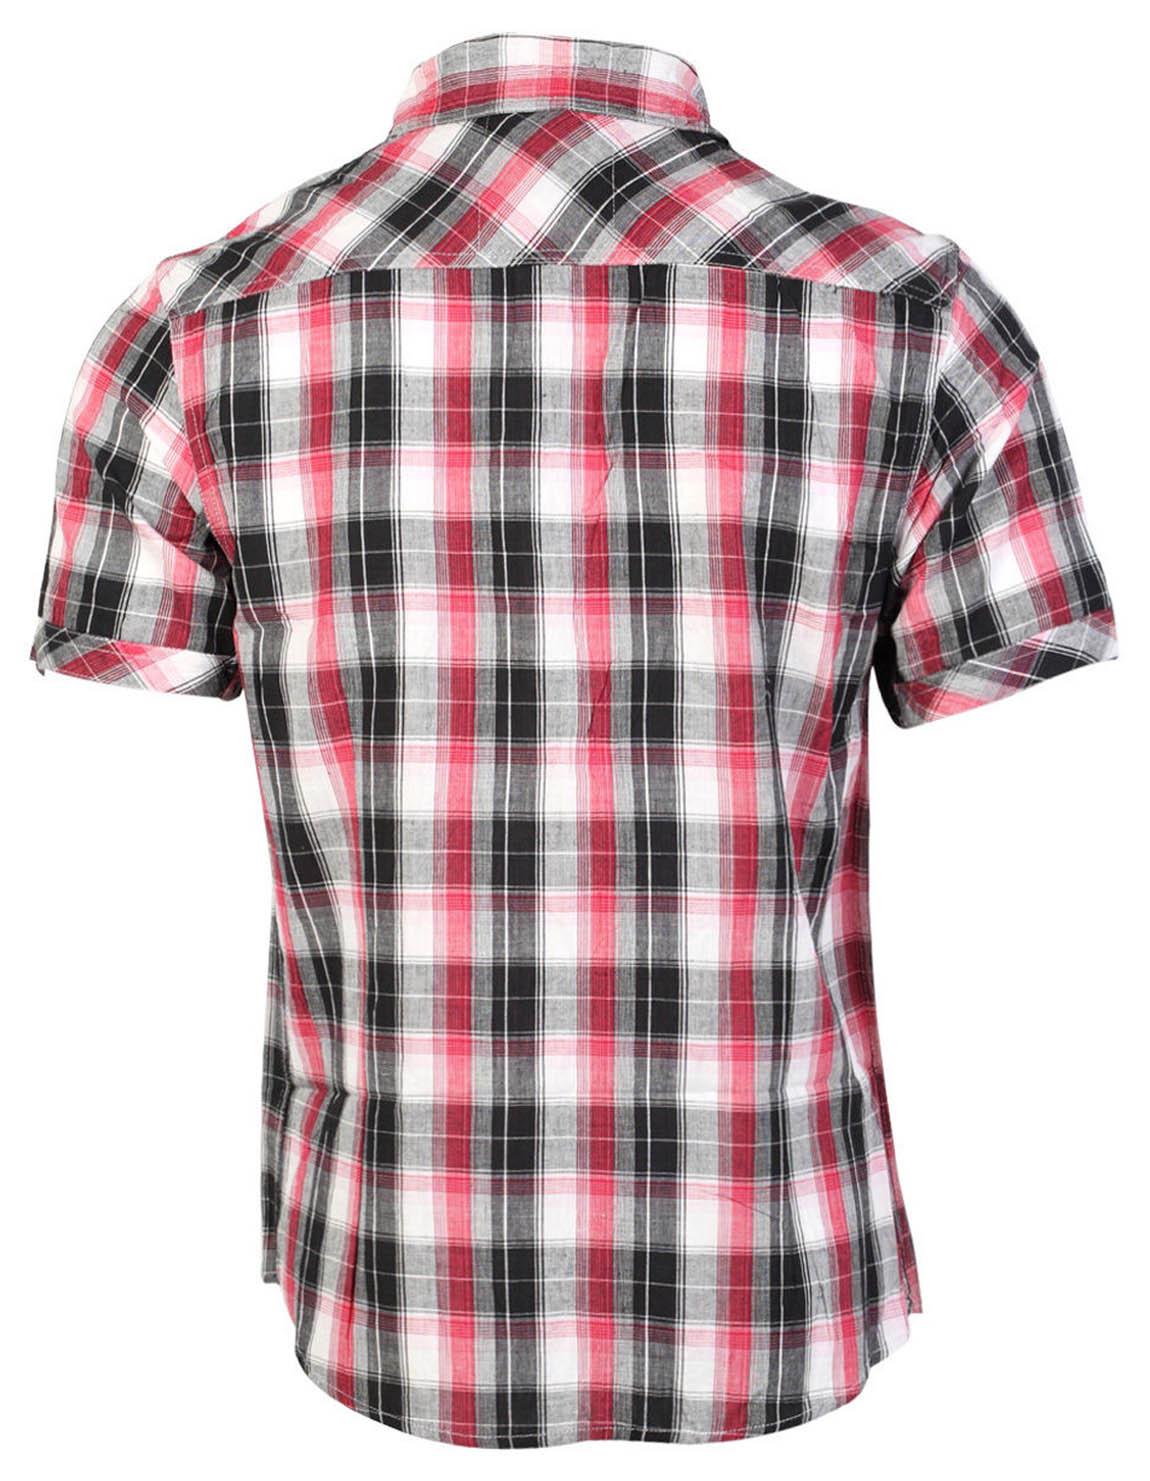 Tokyo-Laundry-Para-Hombre-Camisa-de-cuadros-de-Maryland-2-en-1-Top-cuello-con-cuello-O-Embudo miniatura 8